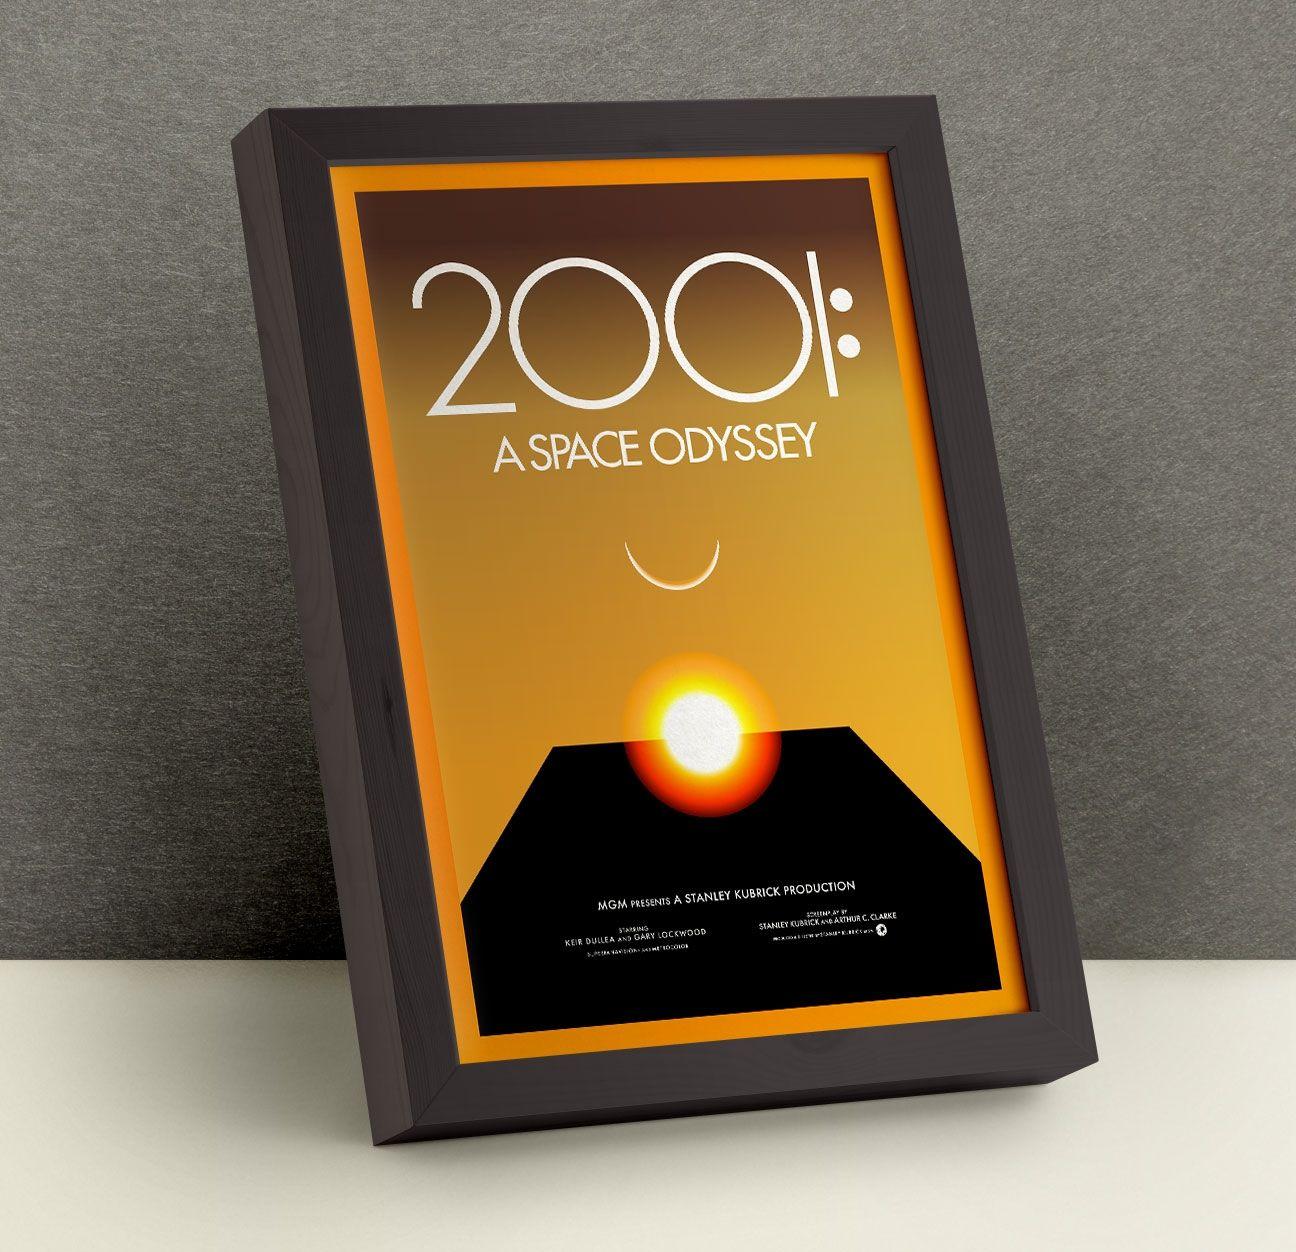 2001 Posters - Changethethought Studio